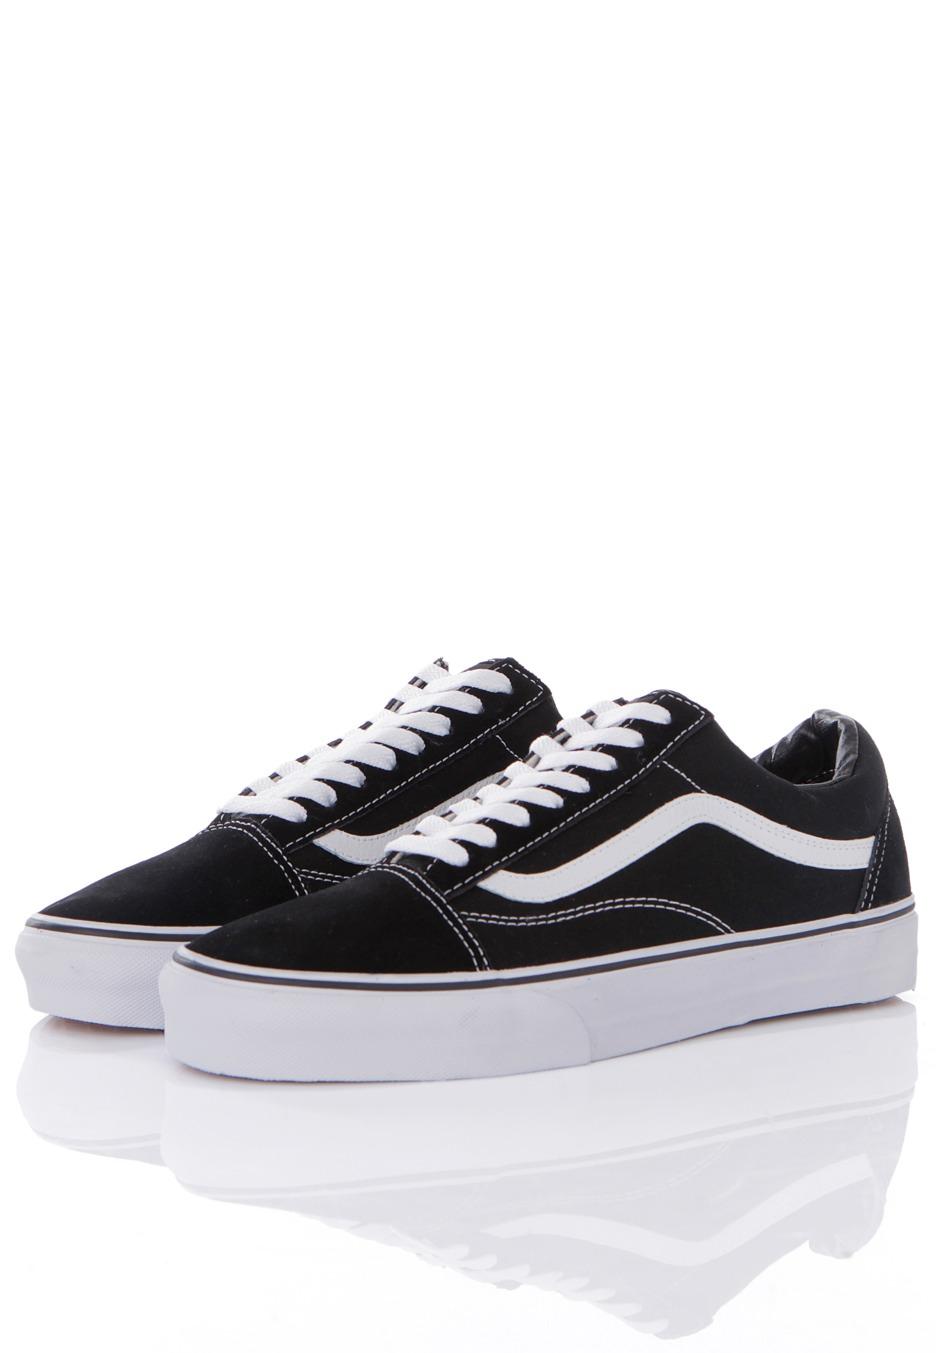 Vans - Old Skool Black/White - Shoes